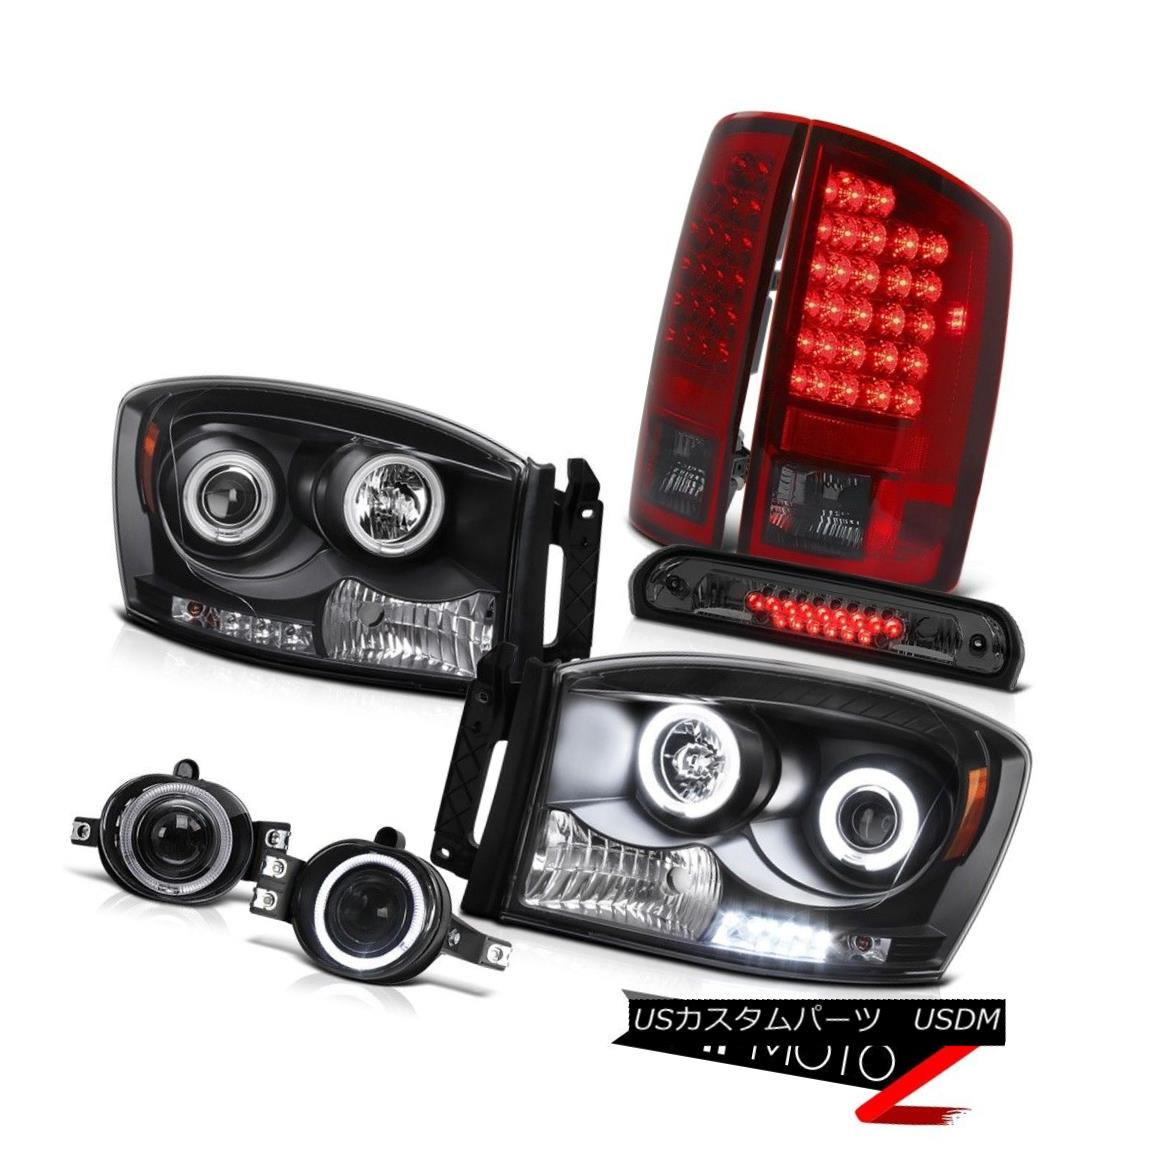 ヘッドライト 2007-2008 Dodge Ram 2500 C.C.F.L Headlights Red Smoke LED Tail Lights Fog Third 2007-2008 Dodge Ram 2500 C.C.F.Lヘッドライト赤煙LEDテールライトフォグサード